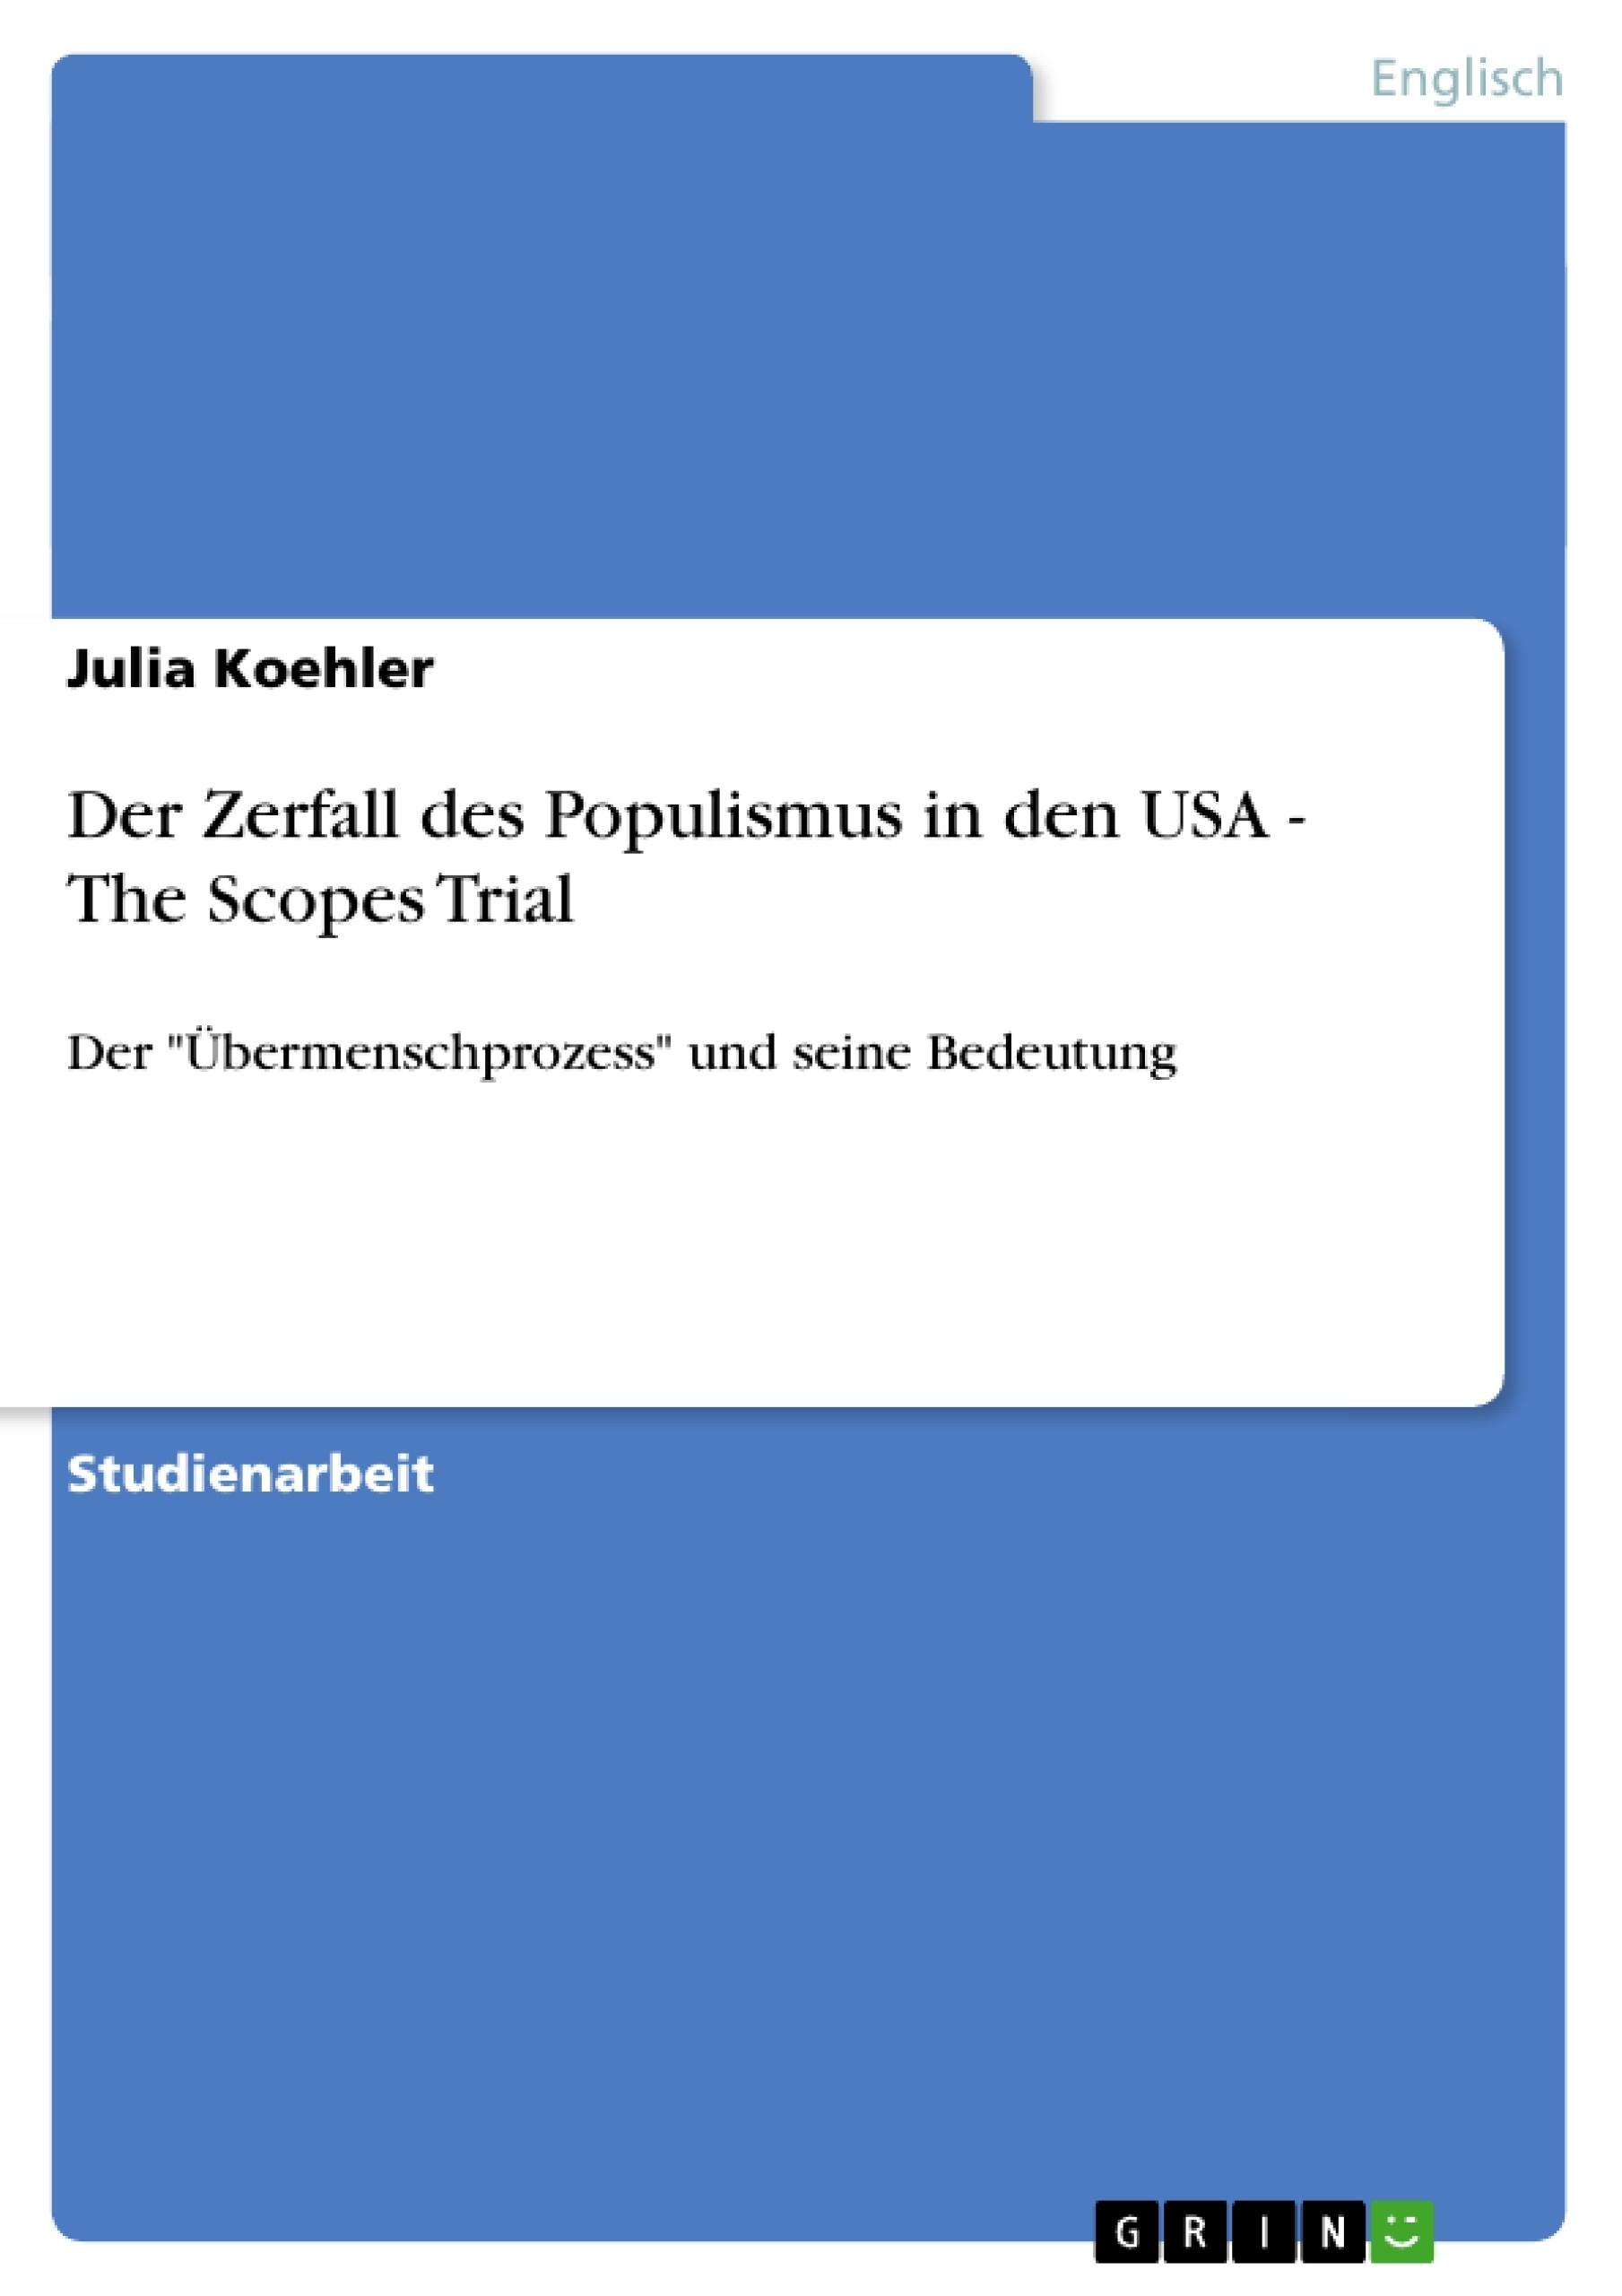 Titel: Der Zerfall des Populismus in den USA - The Scopes Trial